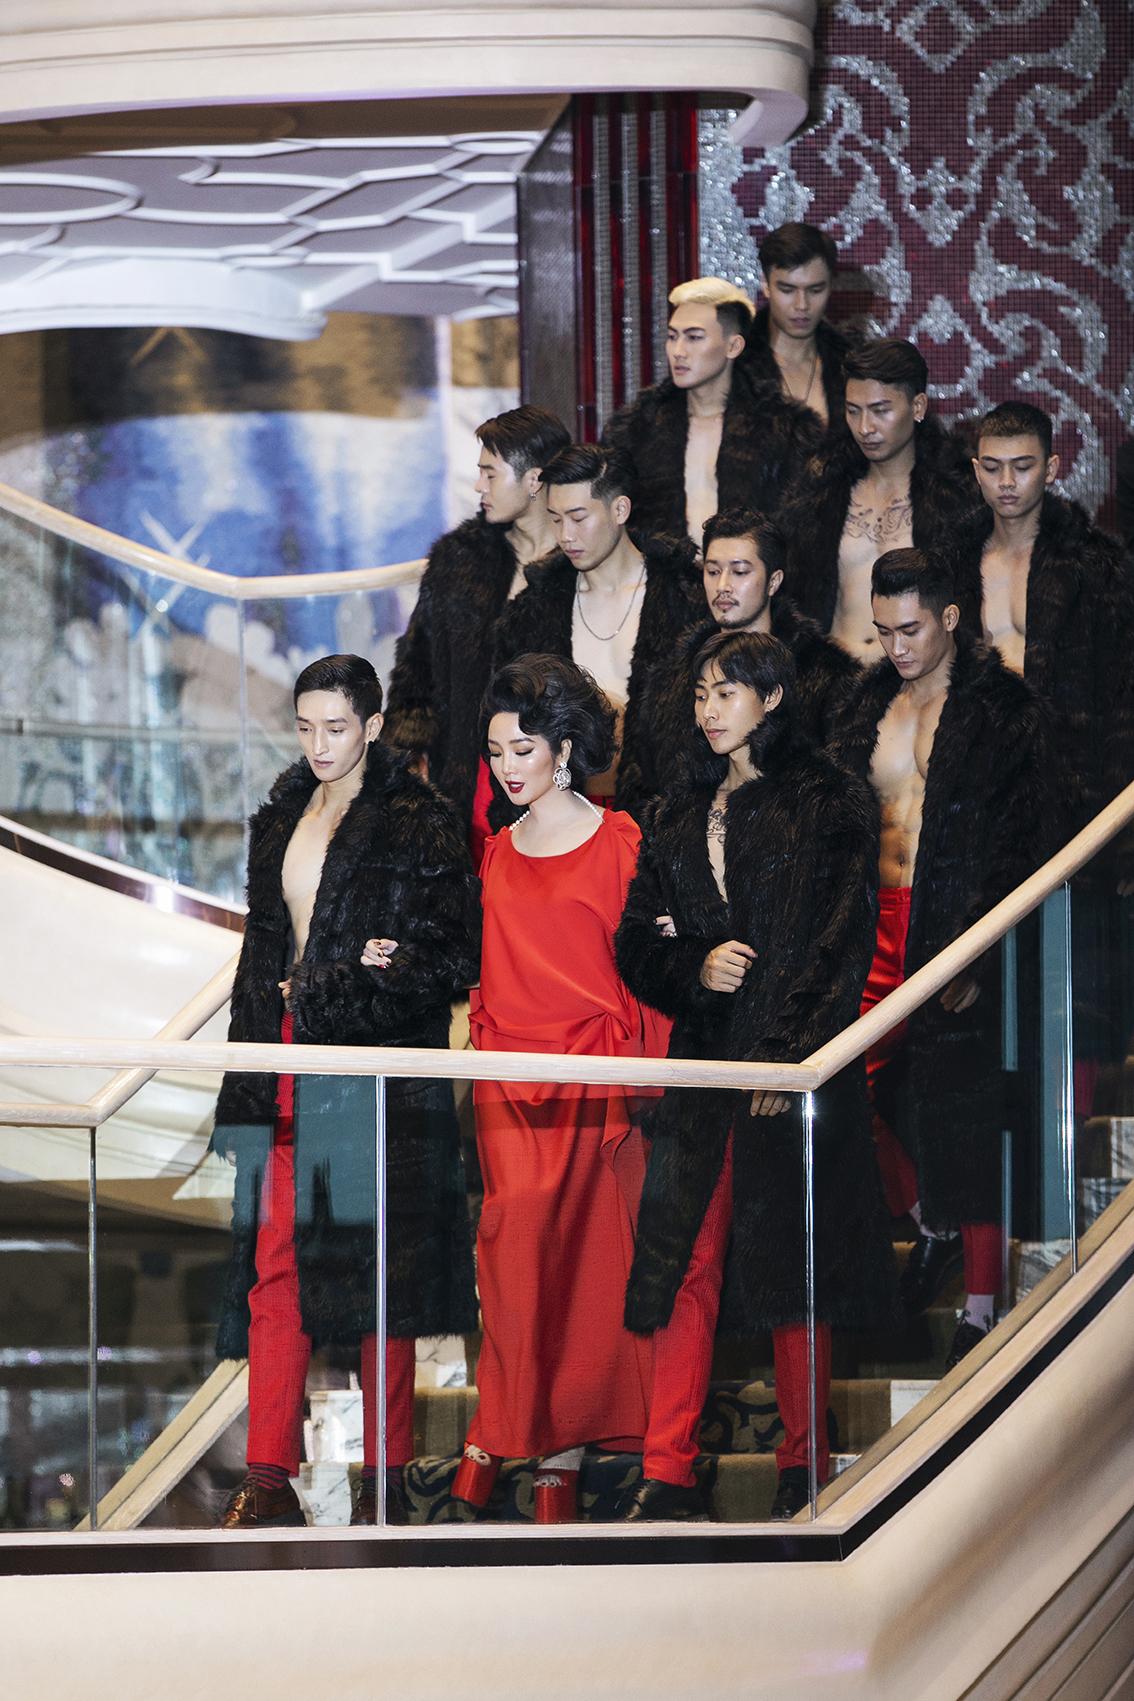 Quốc Cơ - Quốc Nghiệp diễn chồng đầu, trổ tài catwalk tại show thời trang - 1